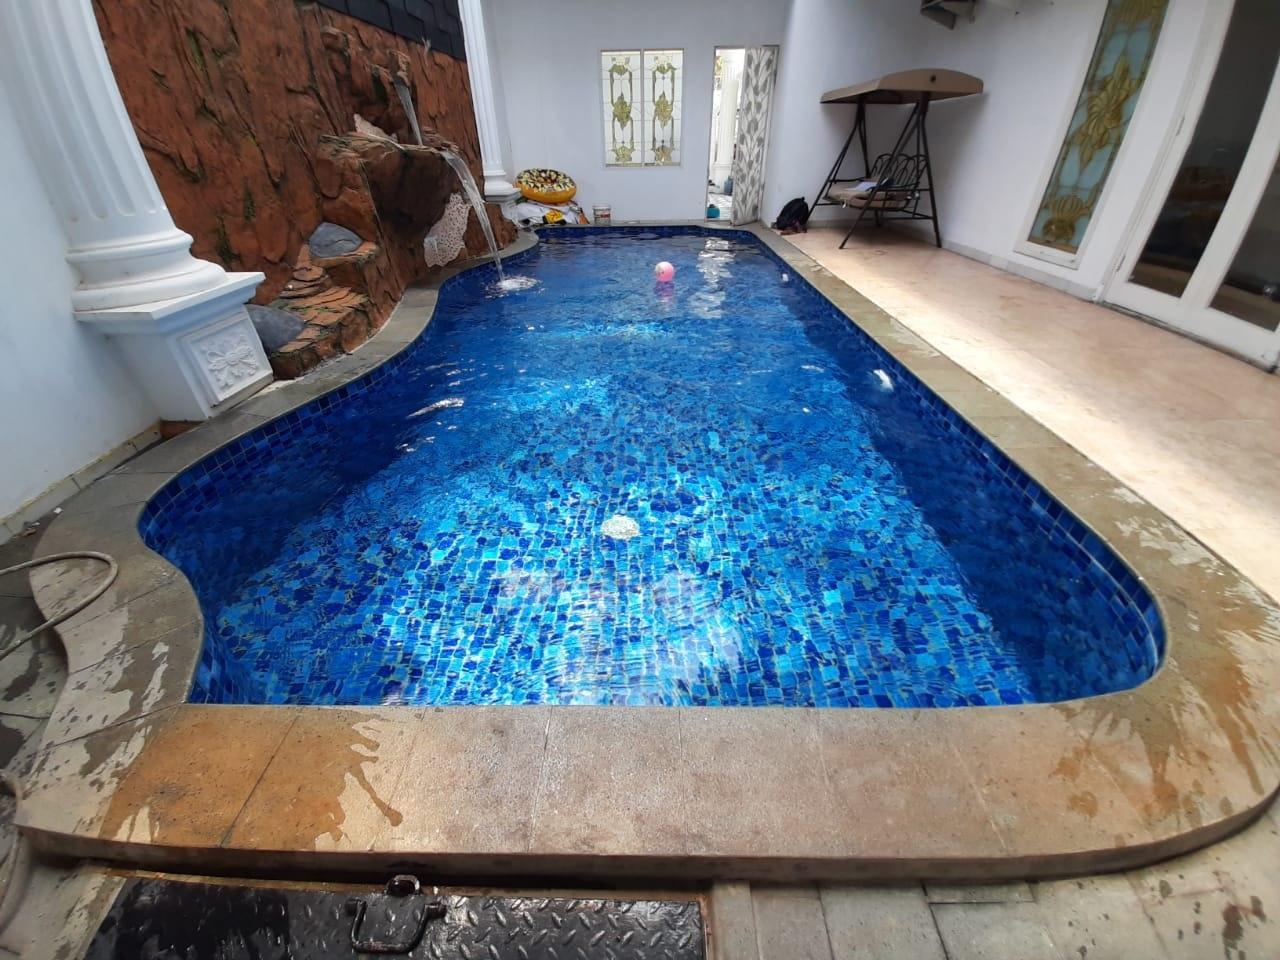 salah satu kolam renang minimalis klien yang dibuat oleh team sriwijaya pool